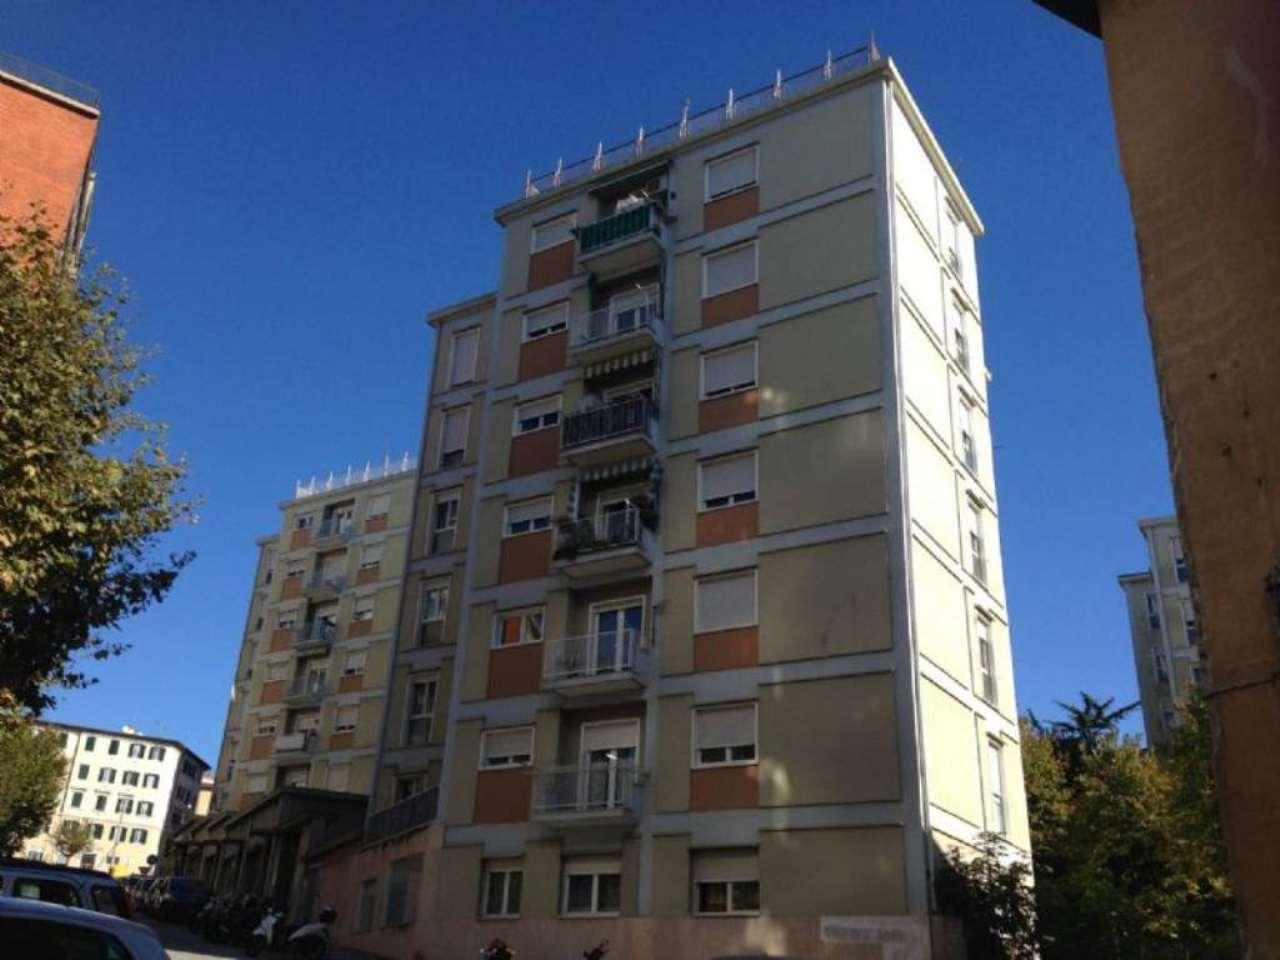 Appartamento in vendita a Trieste, 3 locali, prezzo € 87.000 | Cambio Casa.it